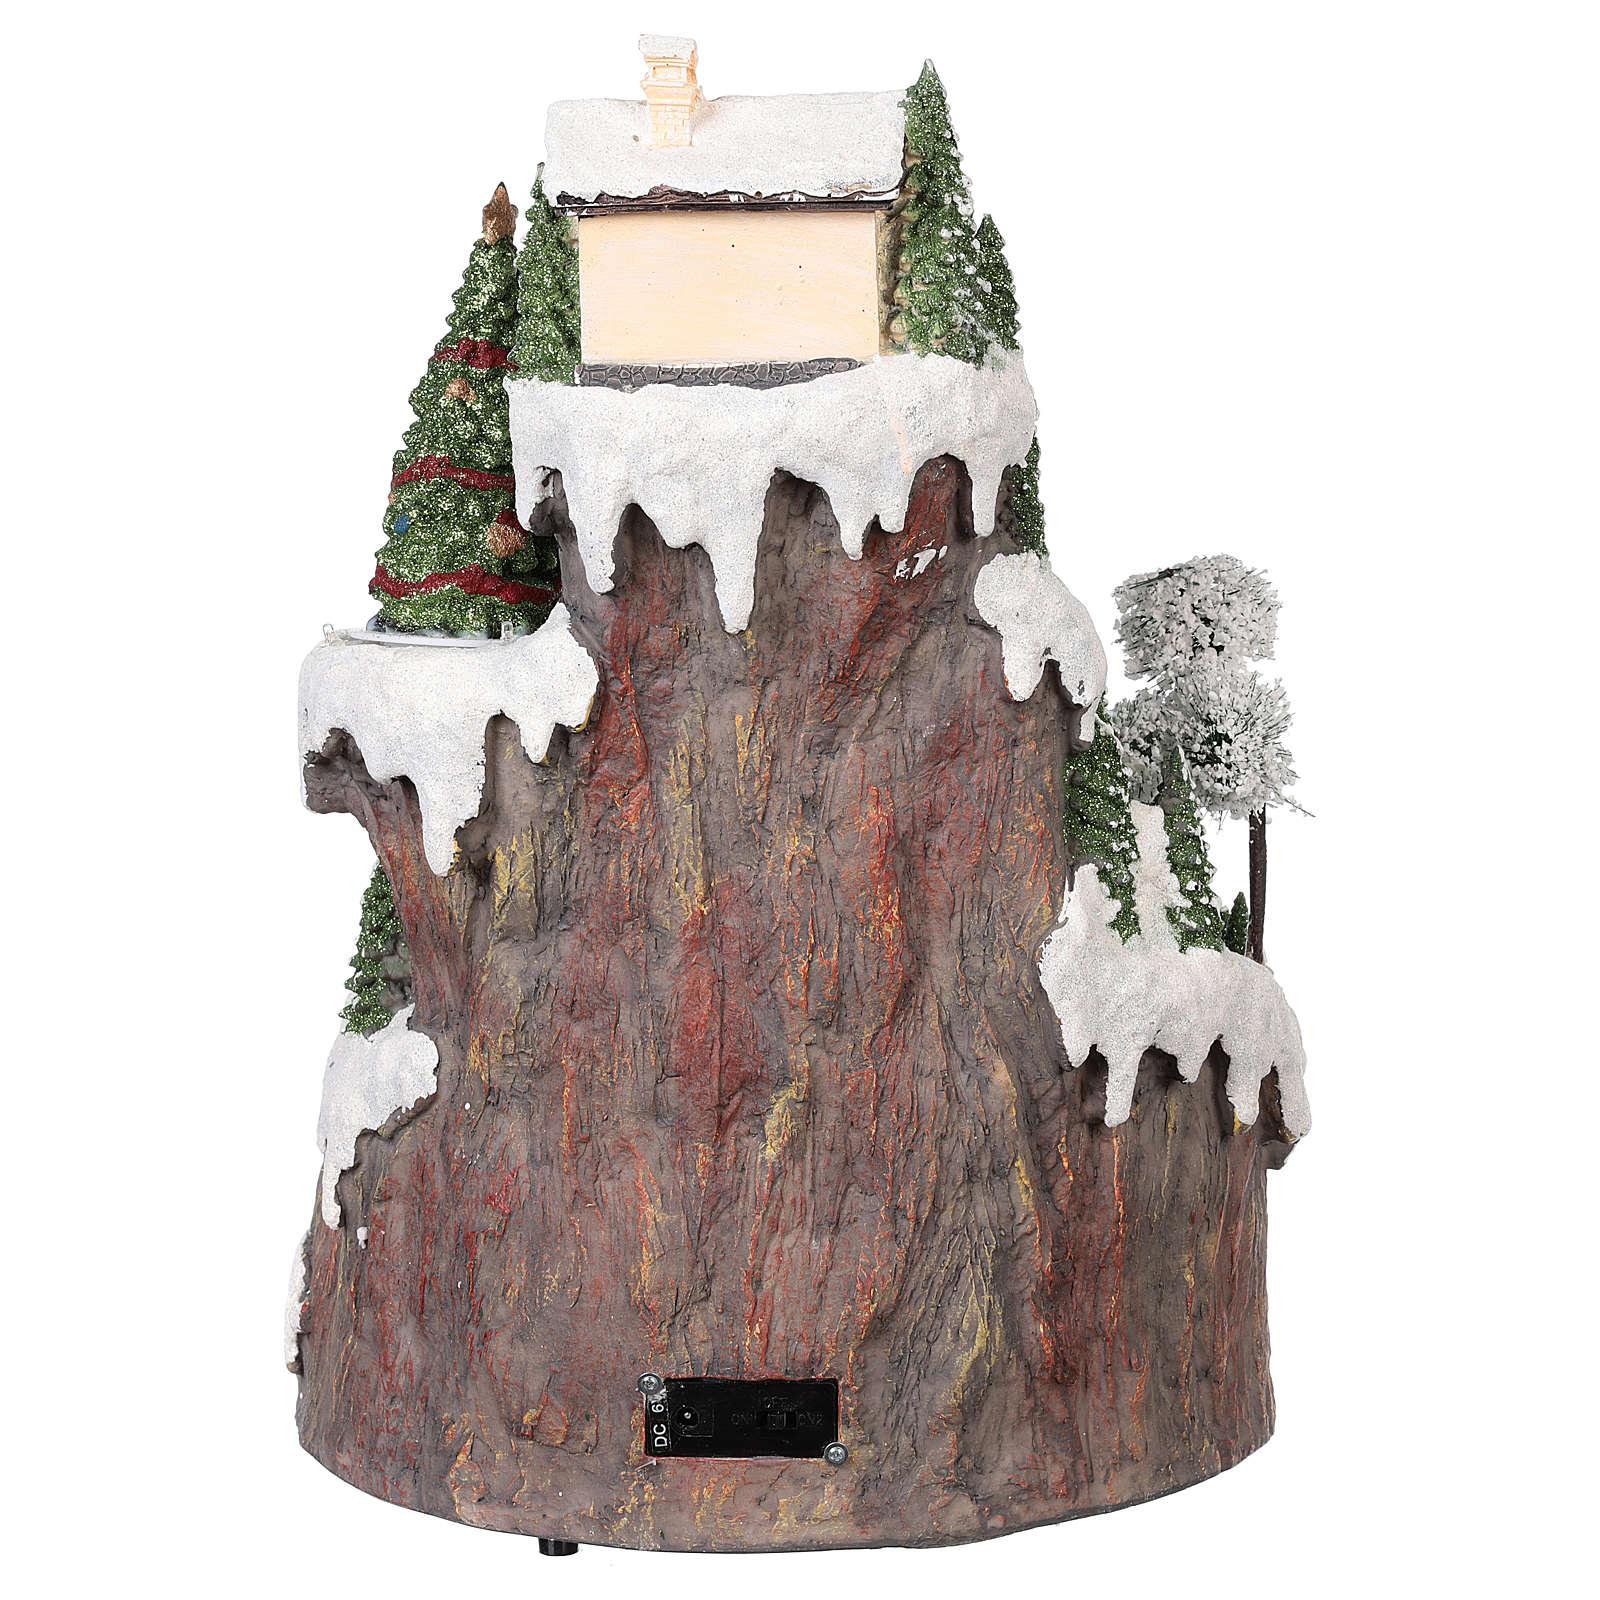 Villaggio Natale montagna neve treno mov luce musica 35x45x35 3